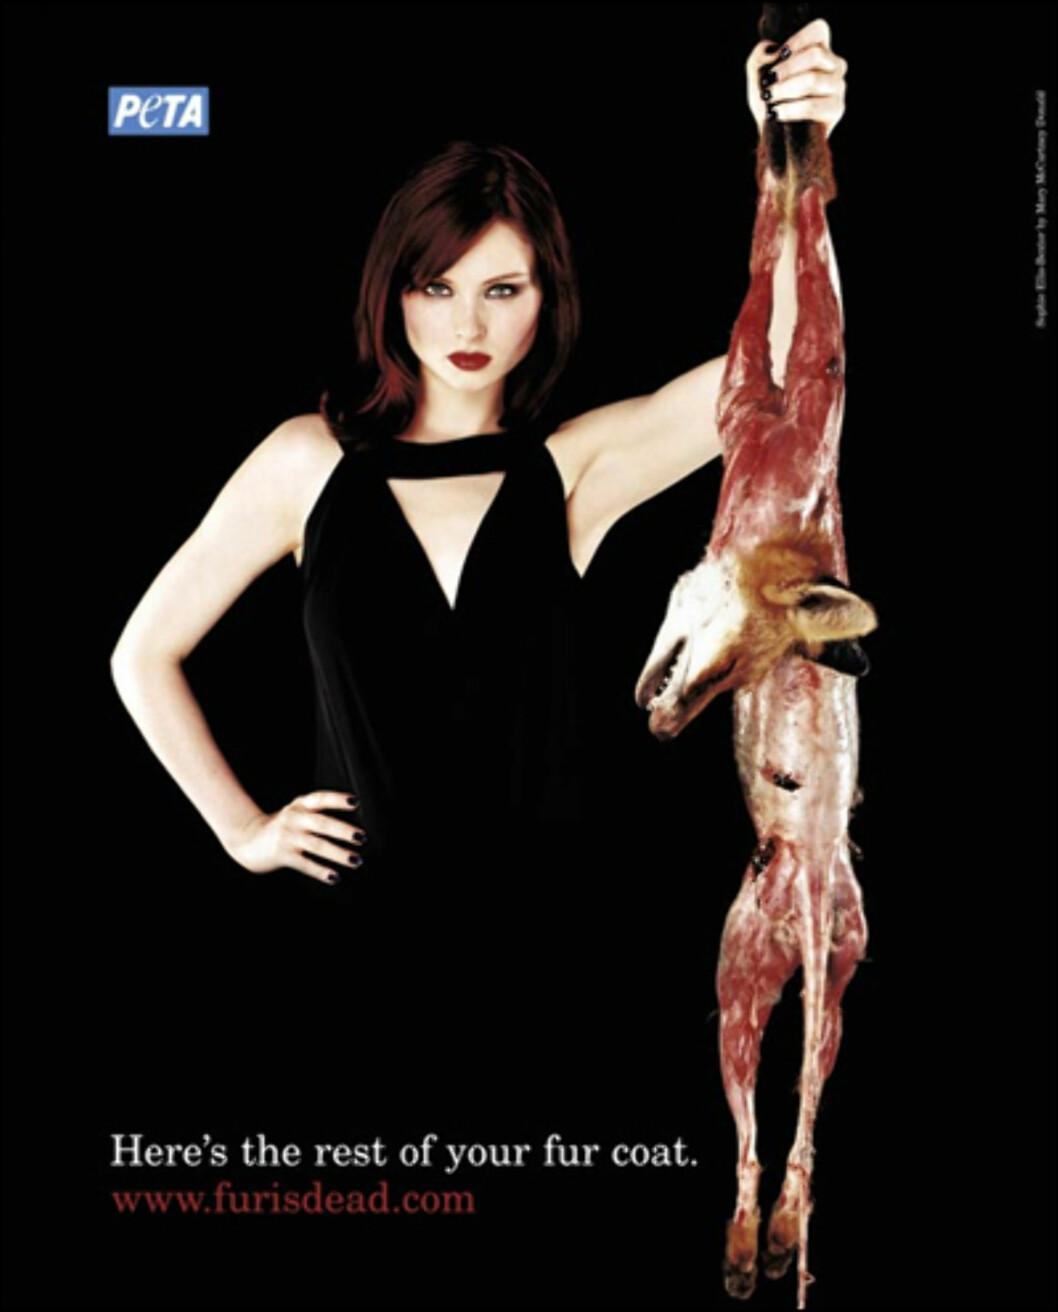 Popstjerne Sophie Ellis-Bextor var bare en av kjendisene som stilte opp i denne kampanjen til organisasjonen PETA (People for Ethical Treatment of Animals). Foto: Peta